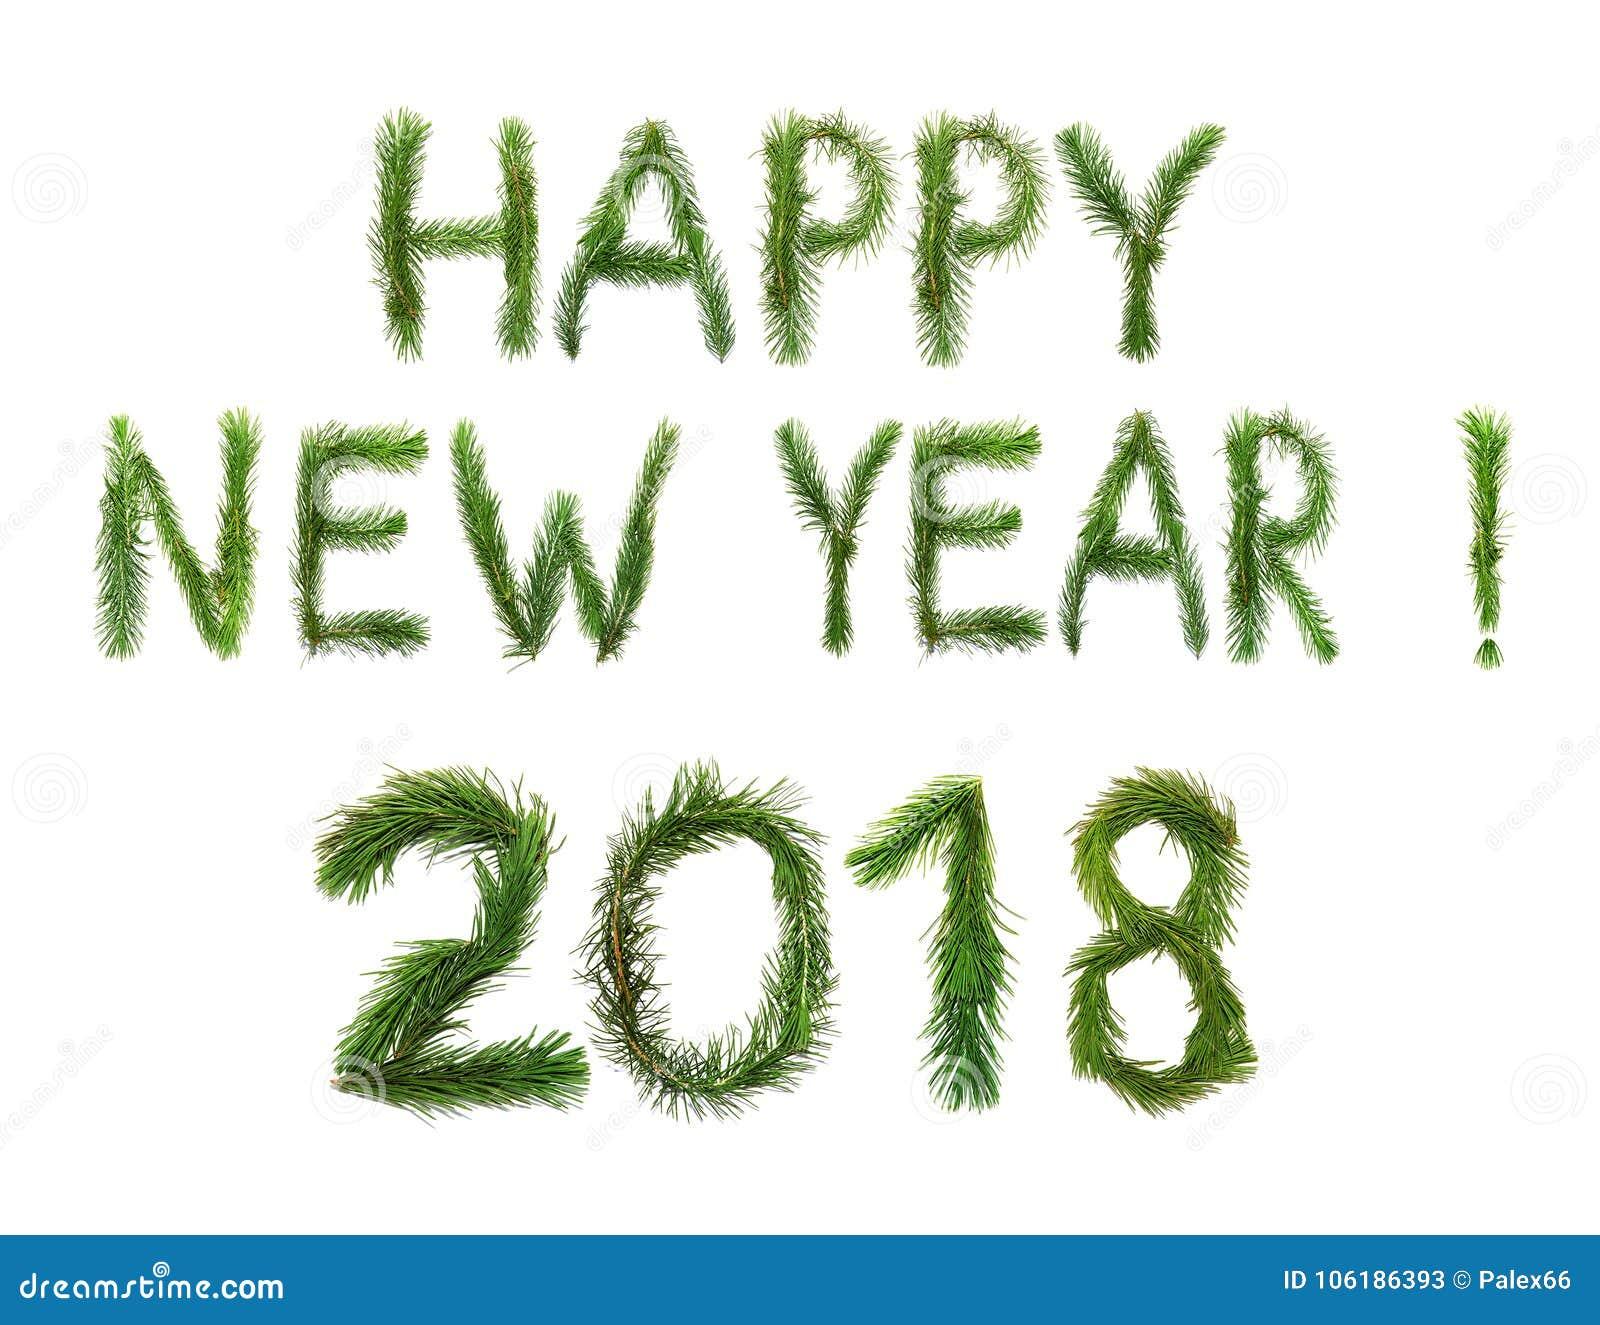 2018 Años Nuevos Dos mil dieciocho El ongratulation del ¡de Ð redacta Feliz Año Nuevo en inglés Los objetos se hacen de un pino q